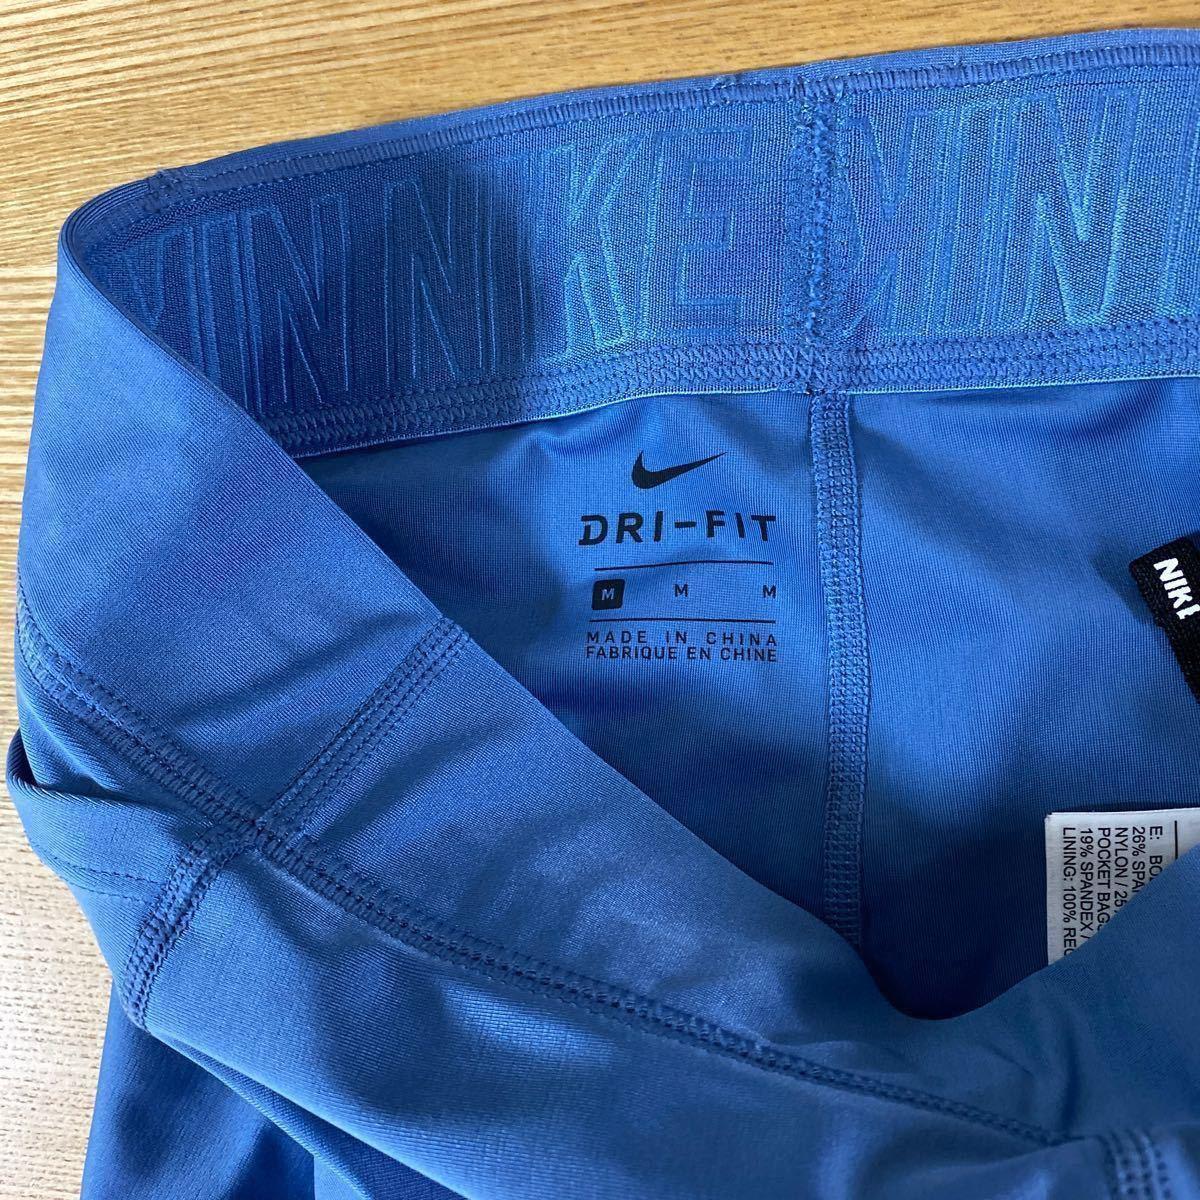 NIKE ナイキ レギンス スパッツ M   (フィットネス・ランニング用タイツ)  DRY-FIT